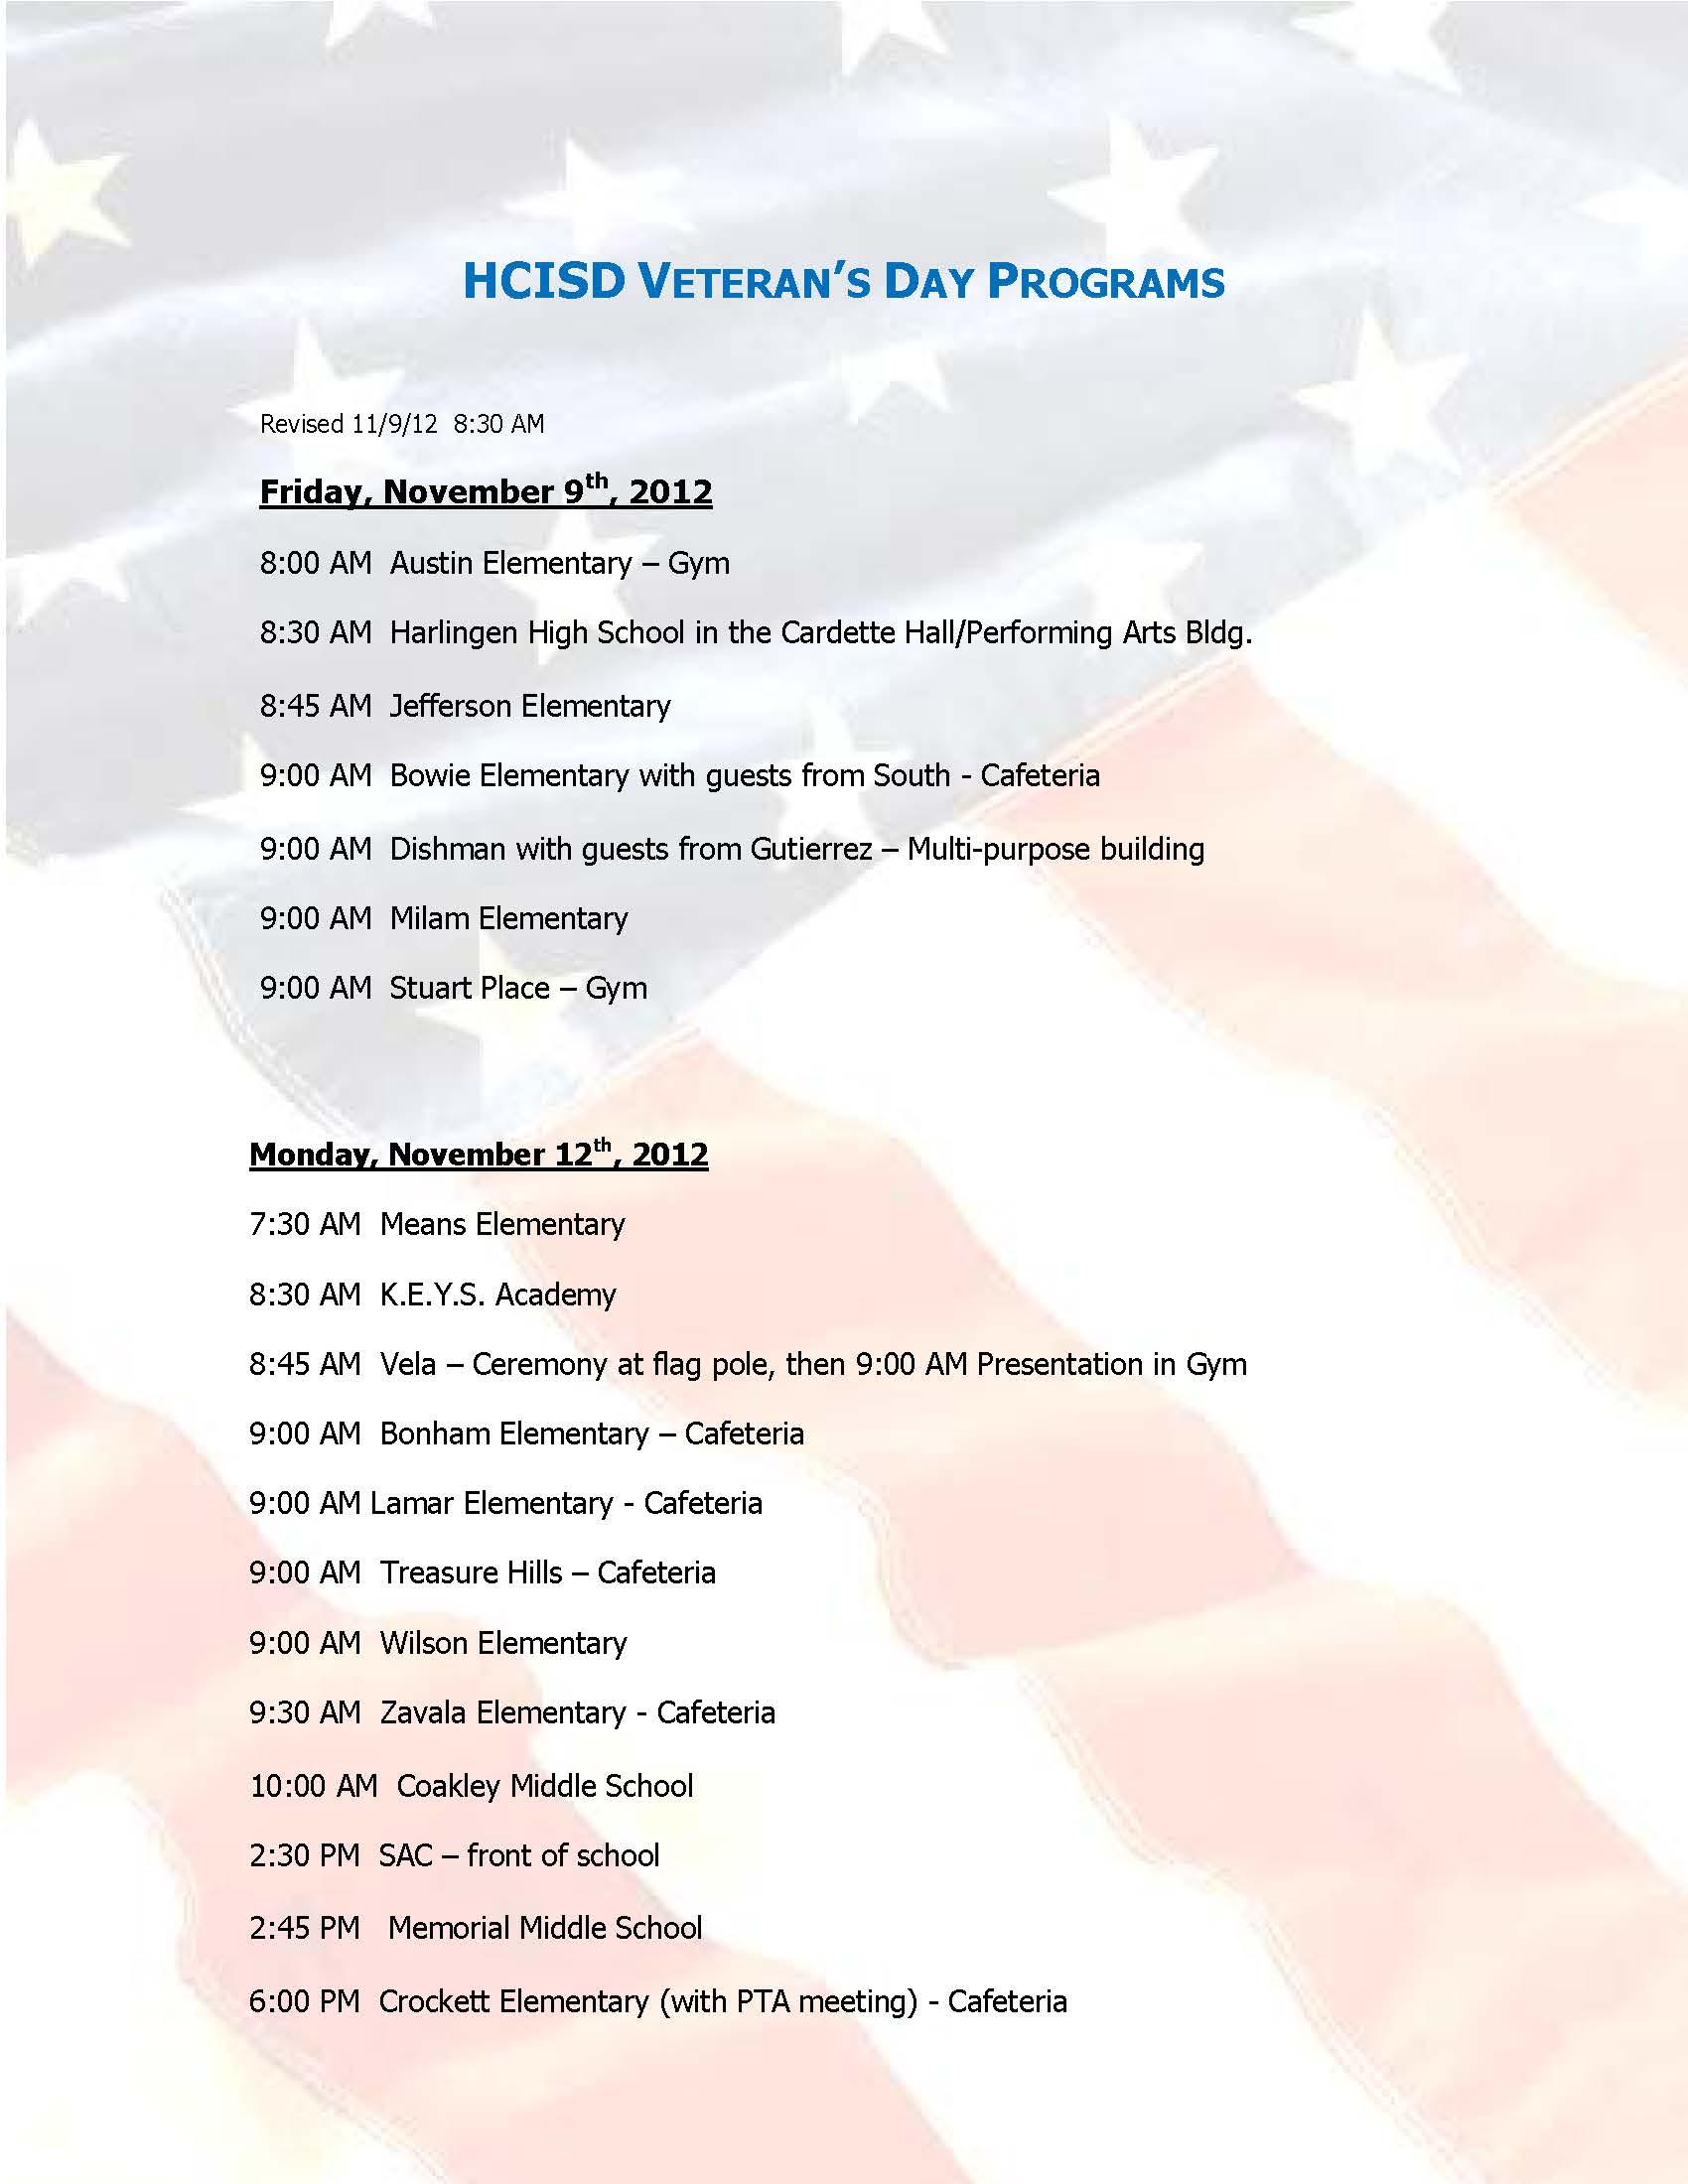 HCISD Veterans Day program schedule